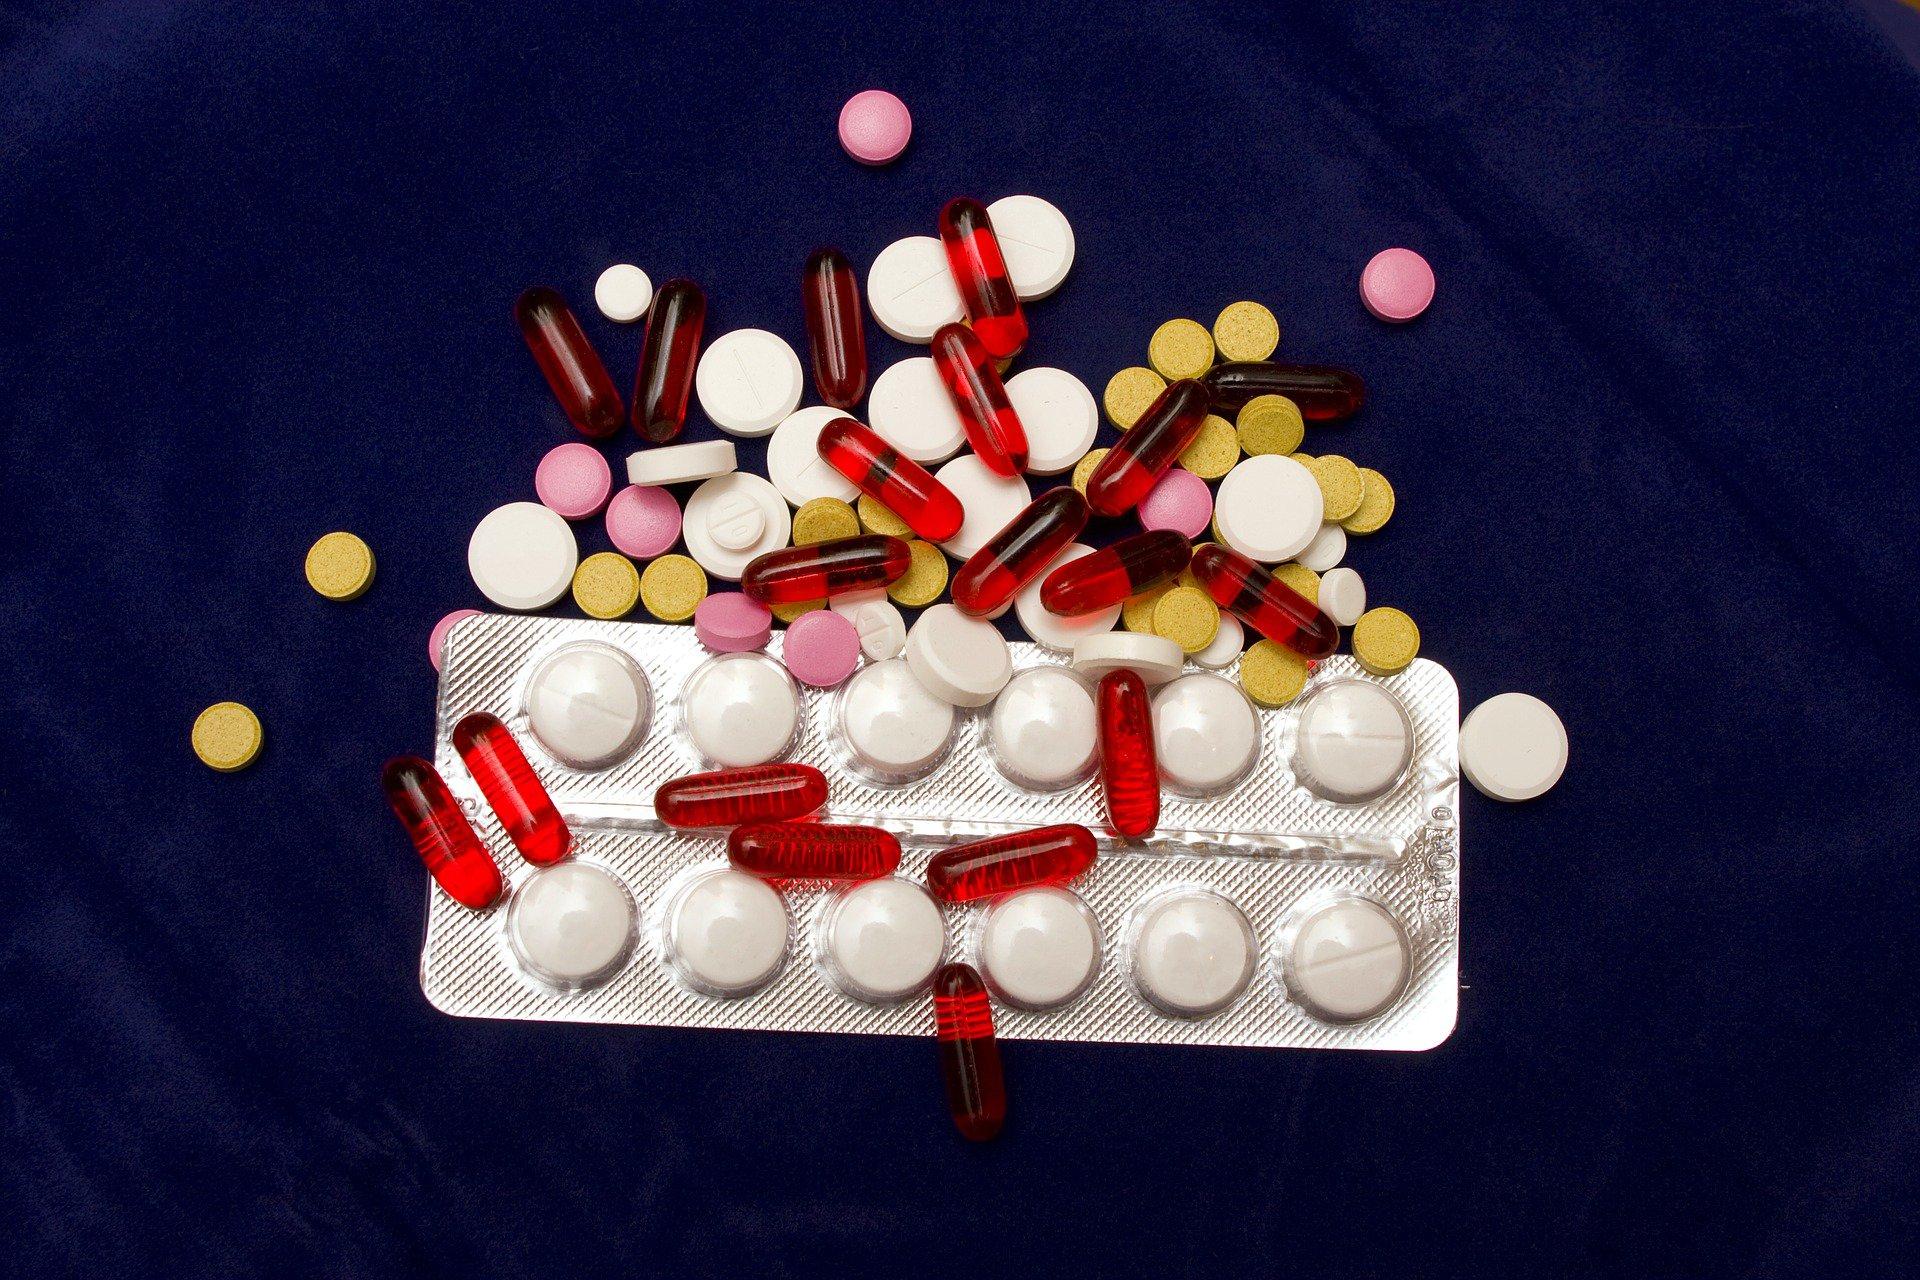 resultados de píldoras de pérdida de peso de guayaba